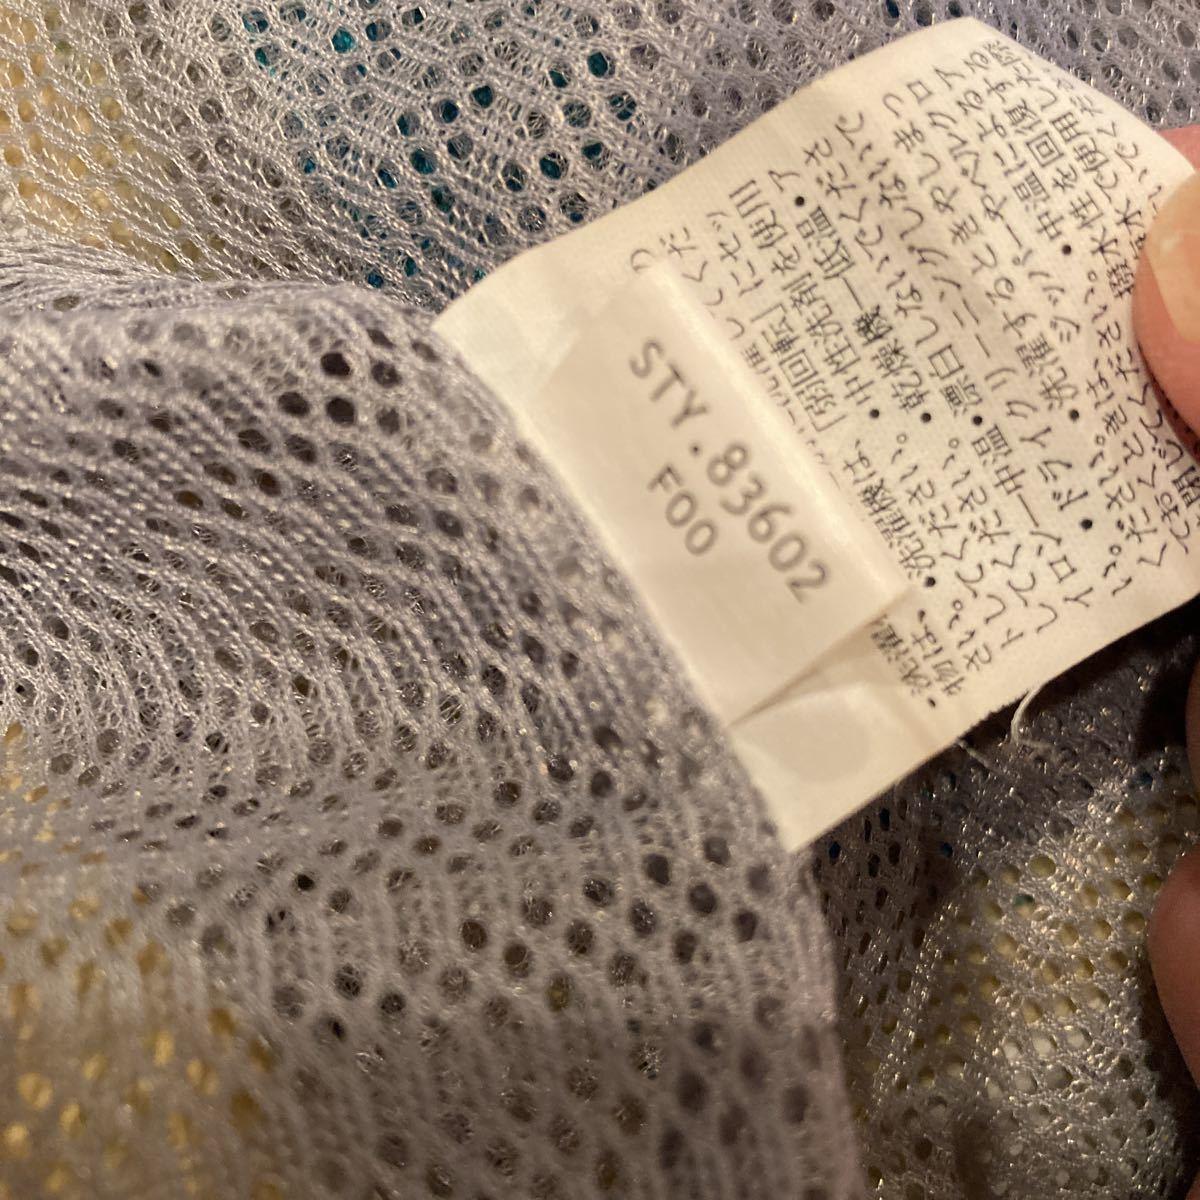 キレイ! patagonia 00年 ストームジャケット L エメラルドグリーン パタゴニア storm jacket マウンテンパーカー ナイロンジャケット_画像6